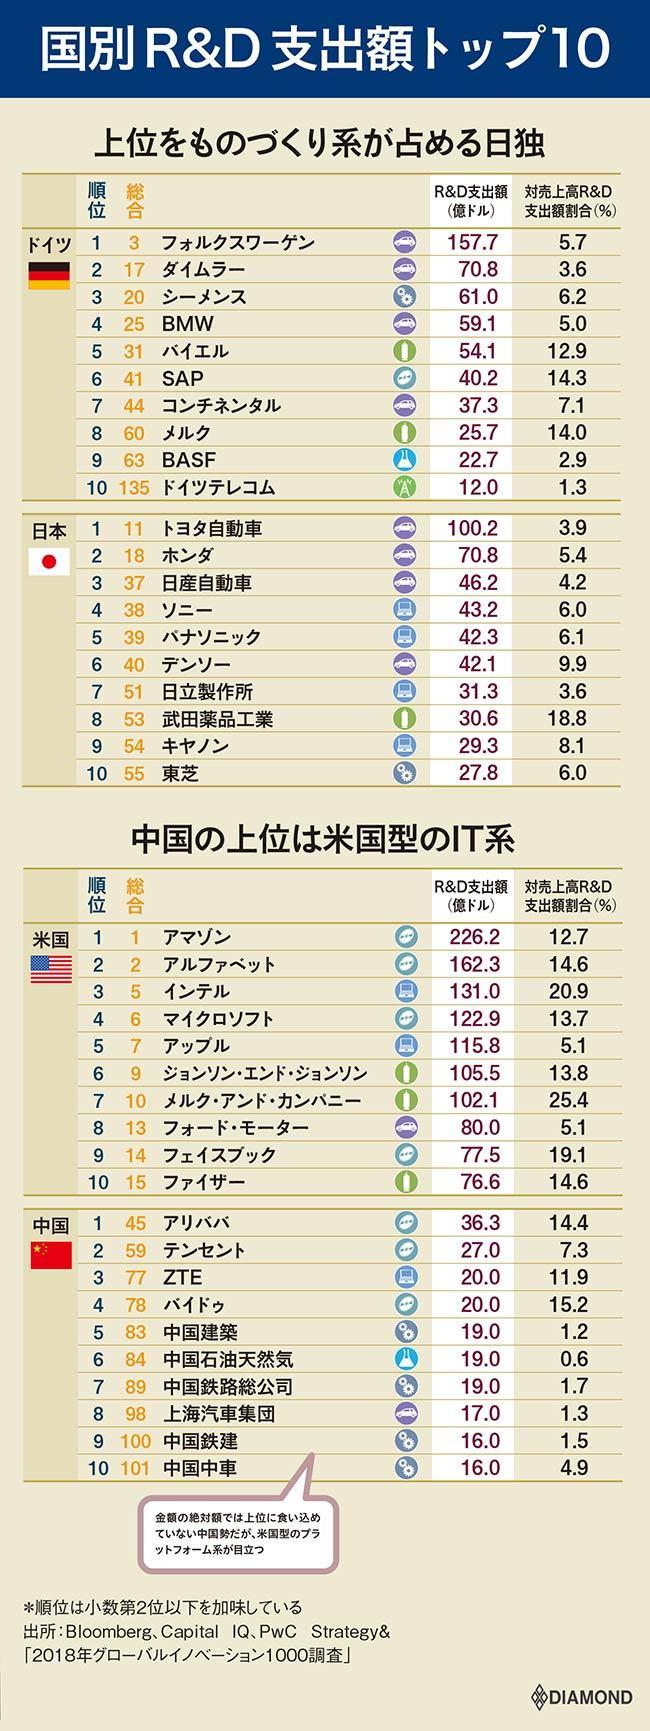 国別R&D支出額トップ10